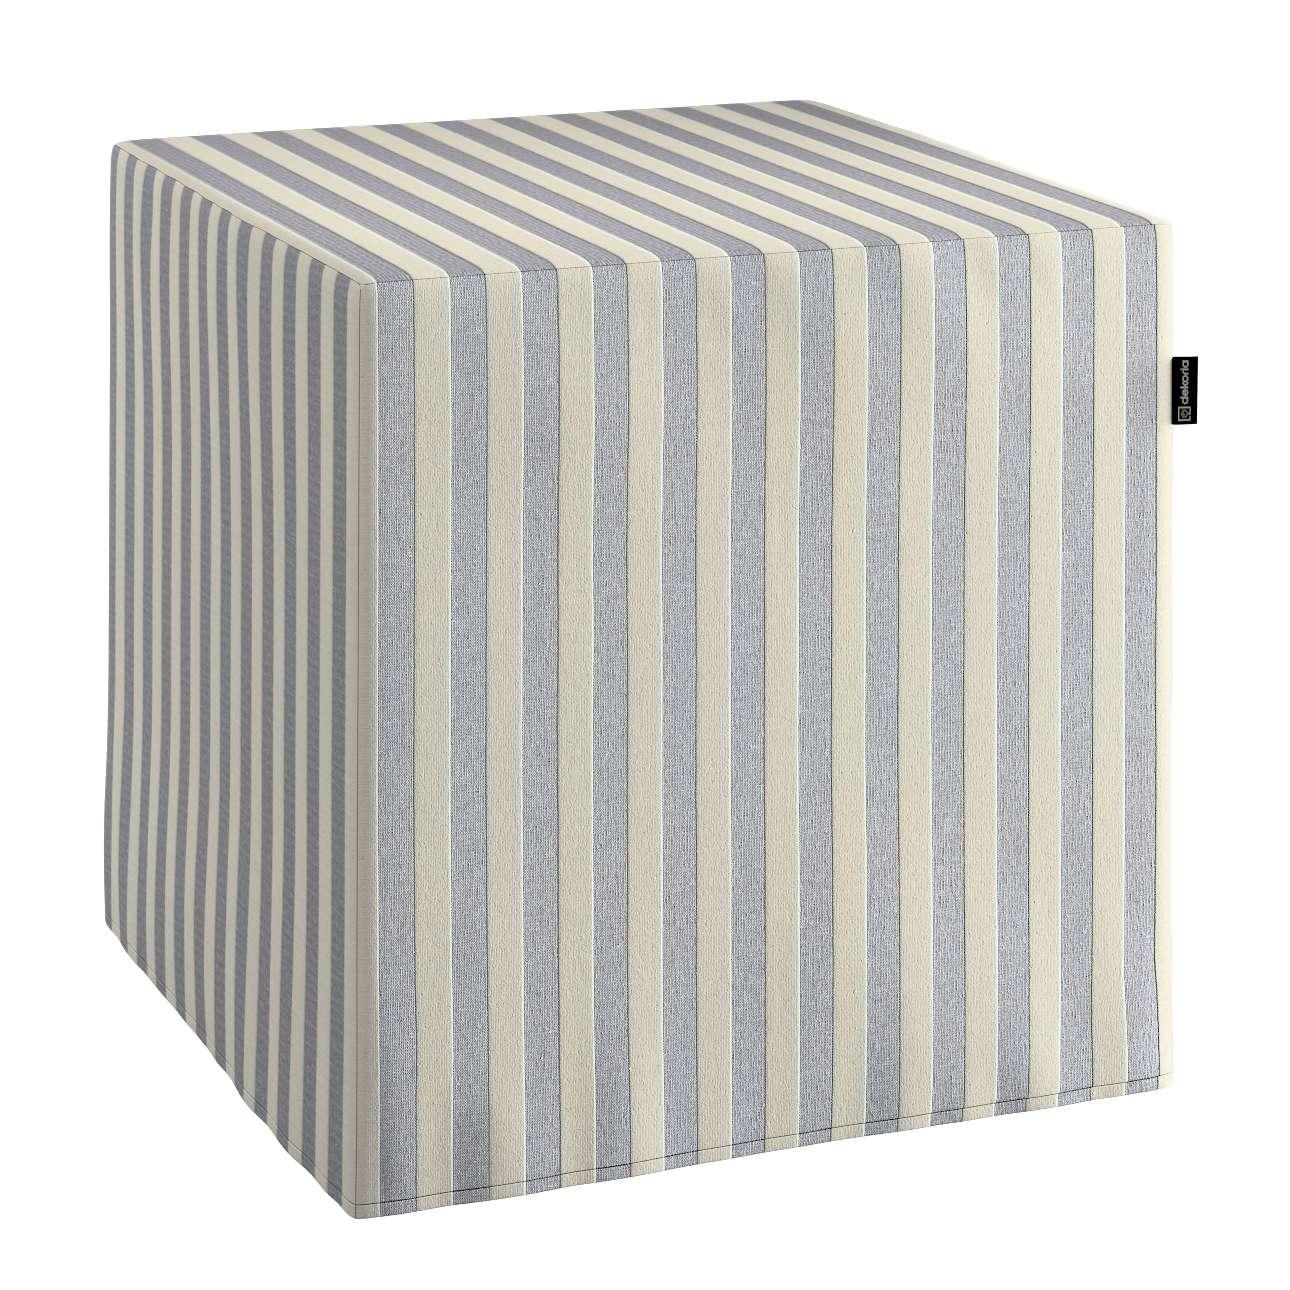 Sedák Cube - kostka pevná 40x40x40 v kolekci Quadro, látka: 136-02